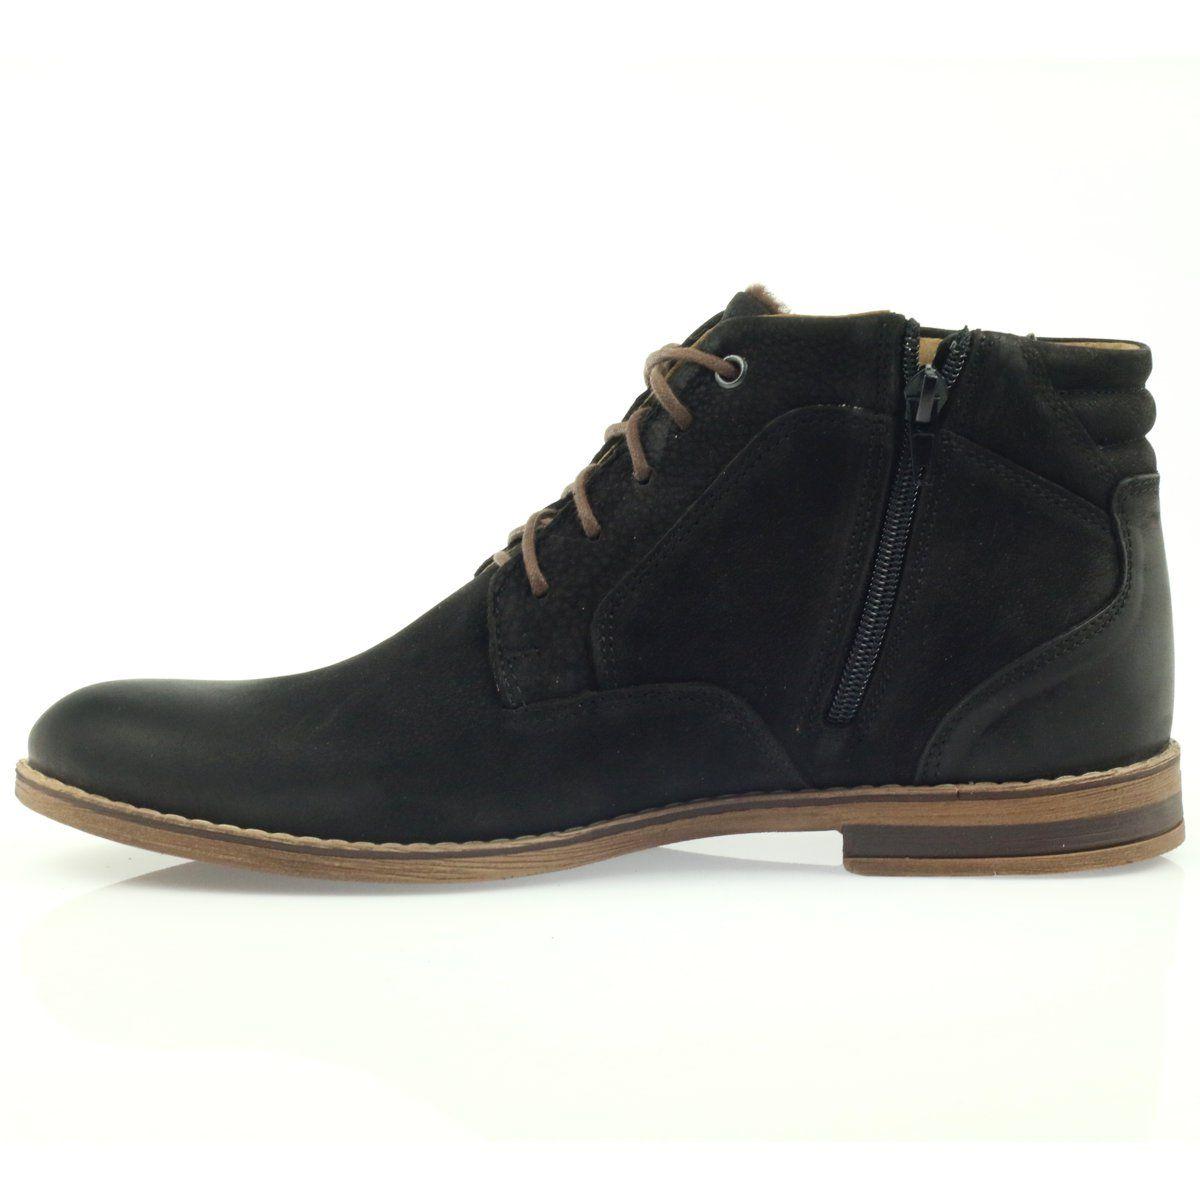 Riko Botki Sztyblety Buty Meskie Na Suwak Czarne Shoes Sneakers Casual